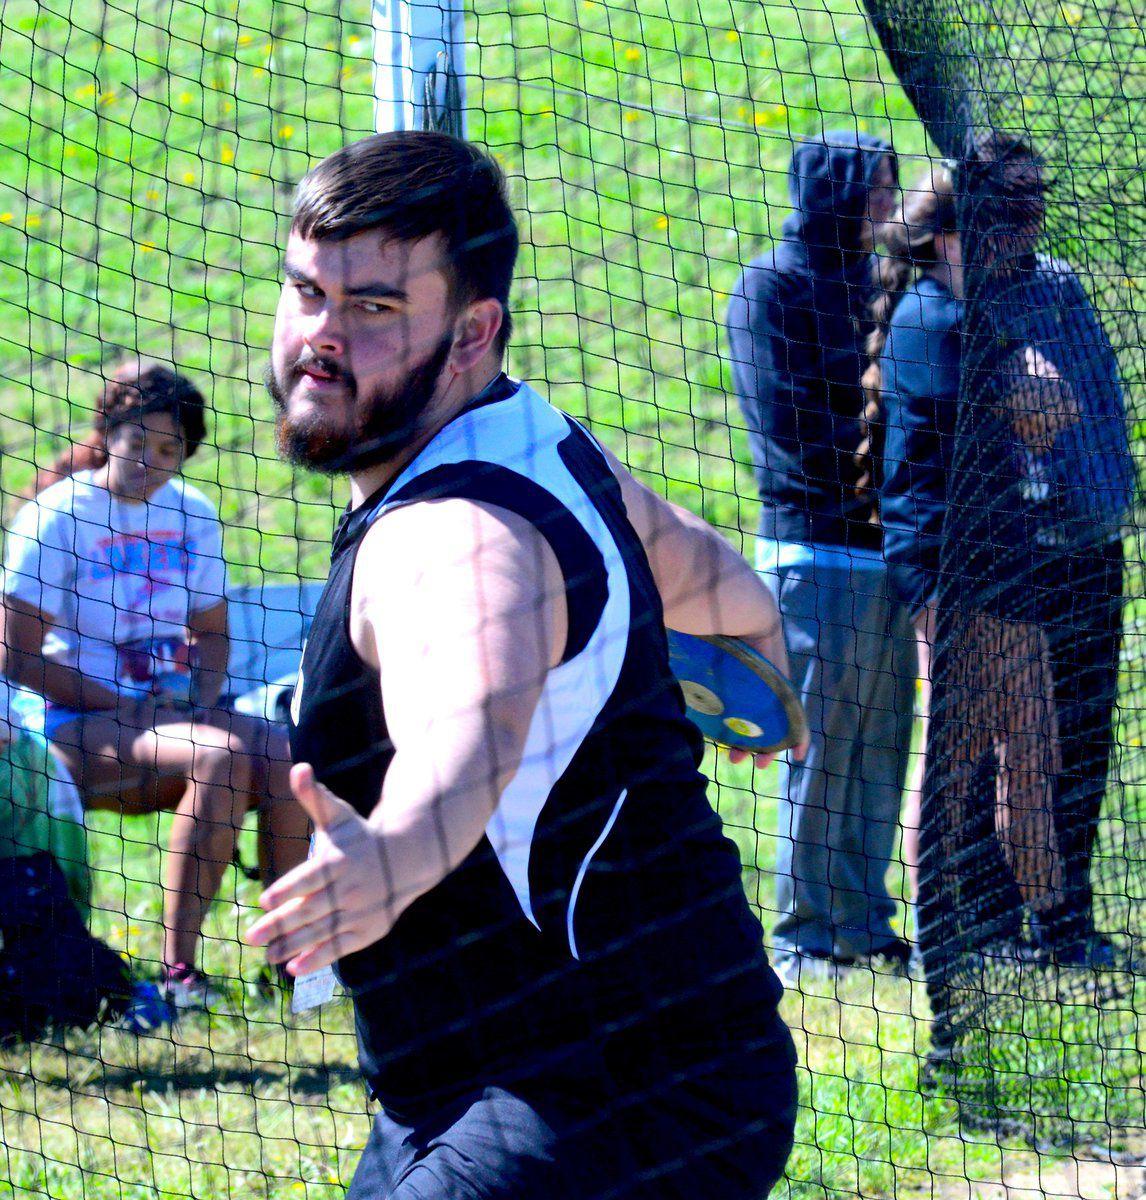 Tilghman boys win Swift meet, Mayfield's Henley shatters